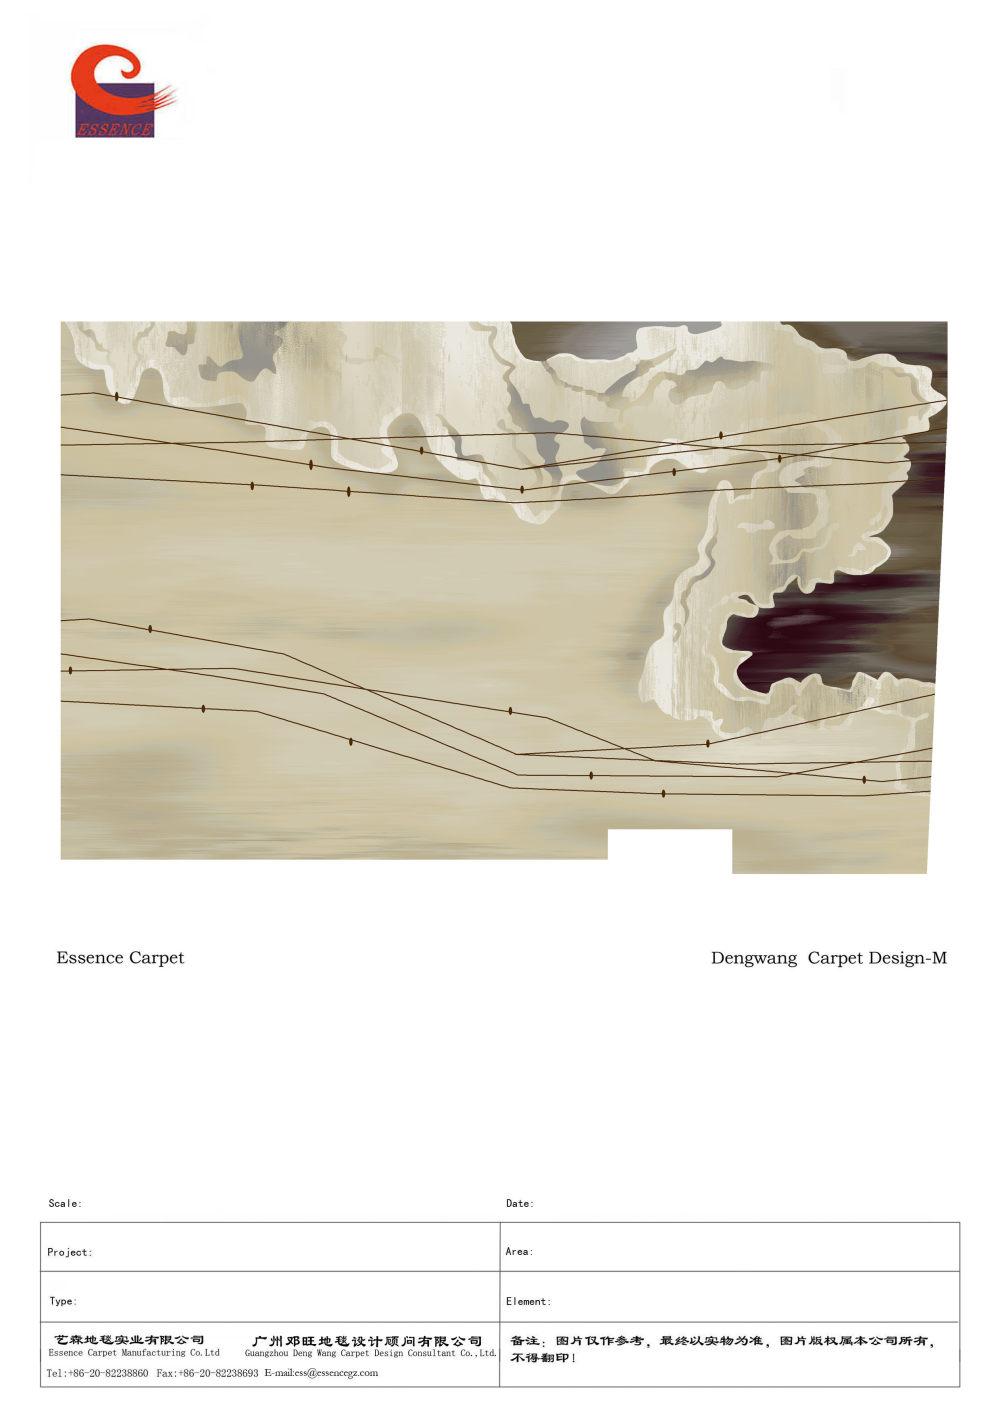 郑中(CCD)--专用地毯高清大图161P_标房.jpg